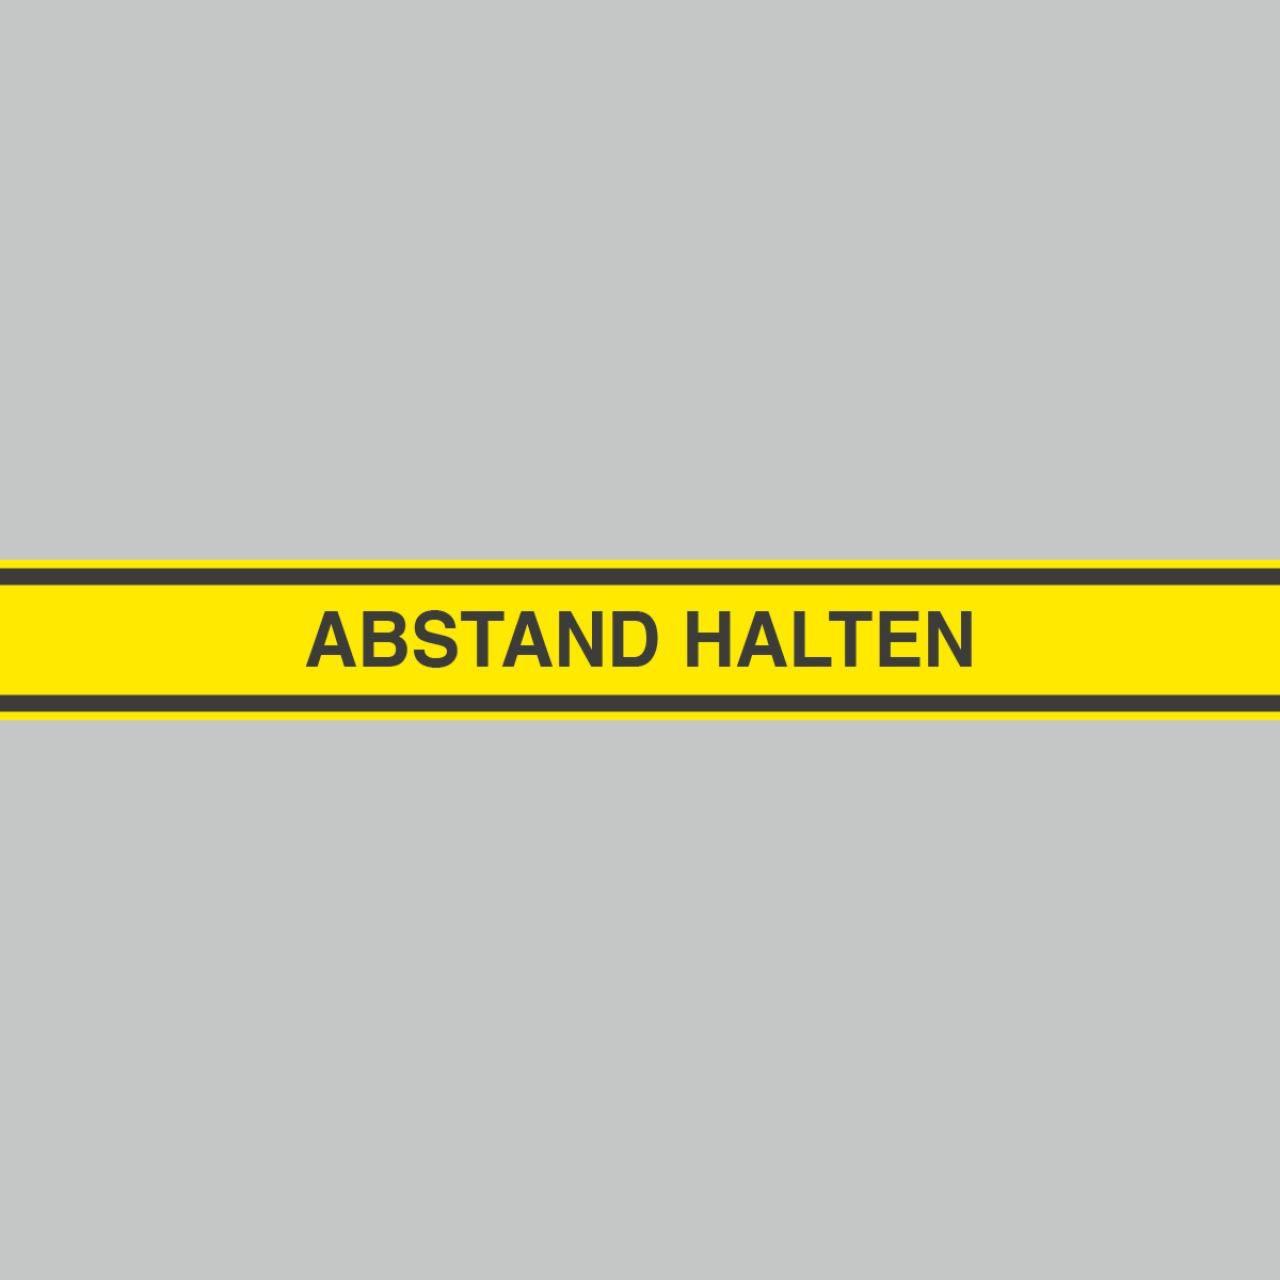 Fußbodenaufkleber, schwarz-gelb, 120x15cm – Abstand halten